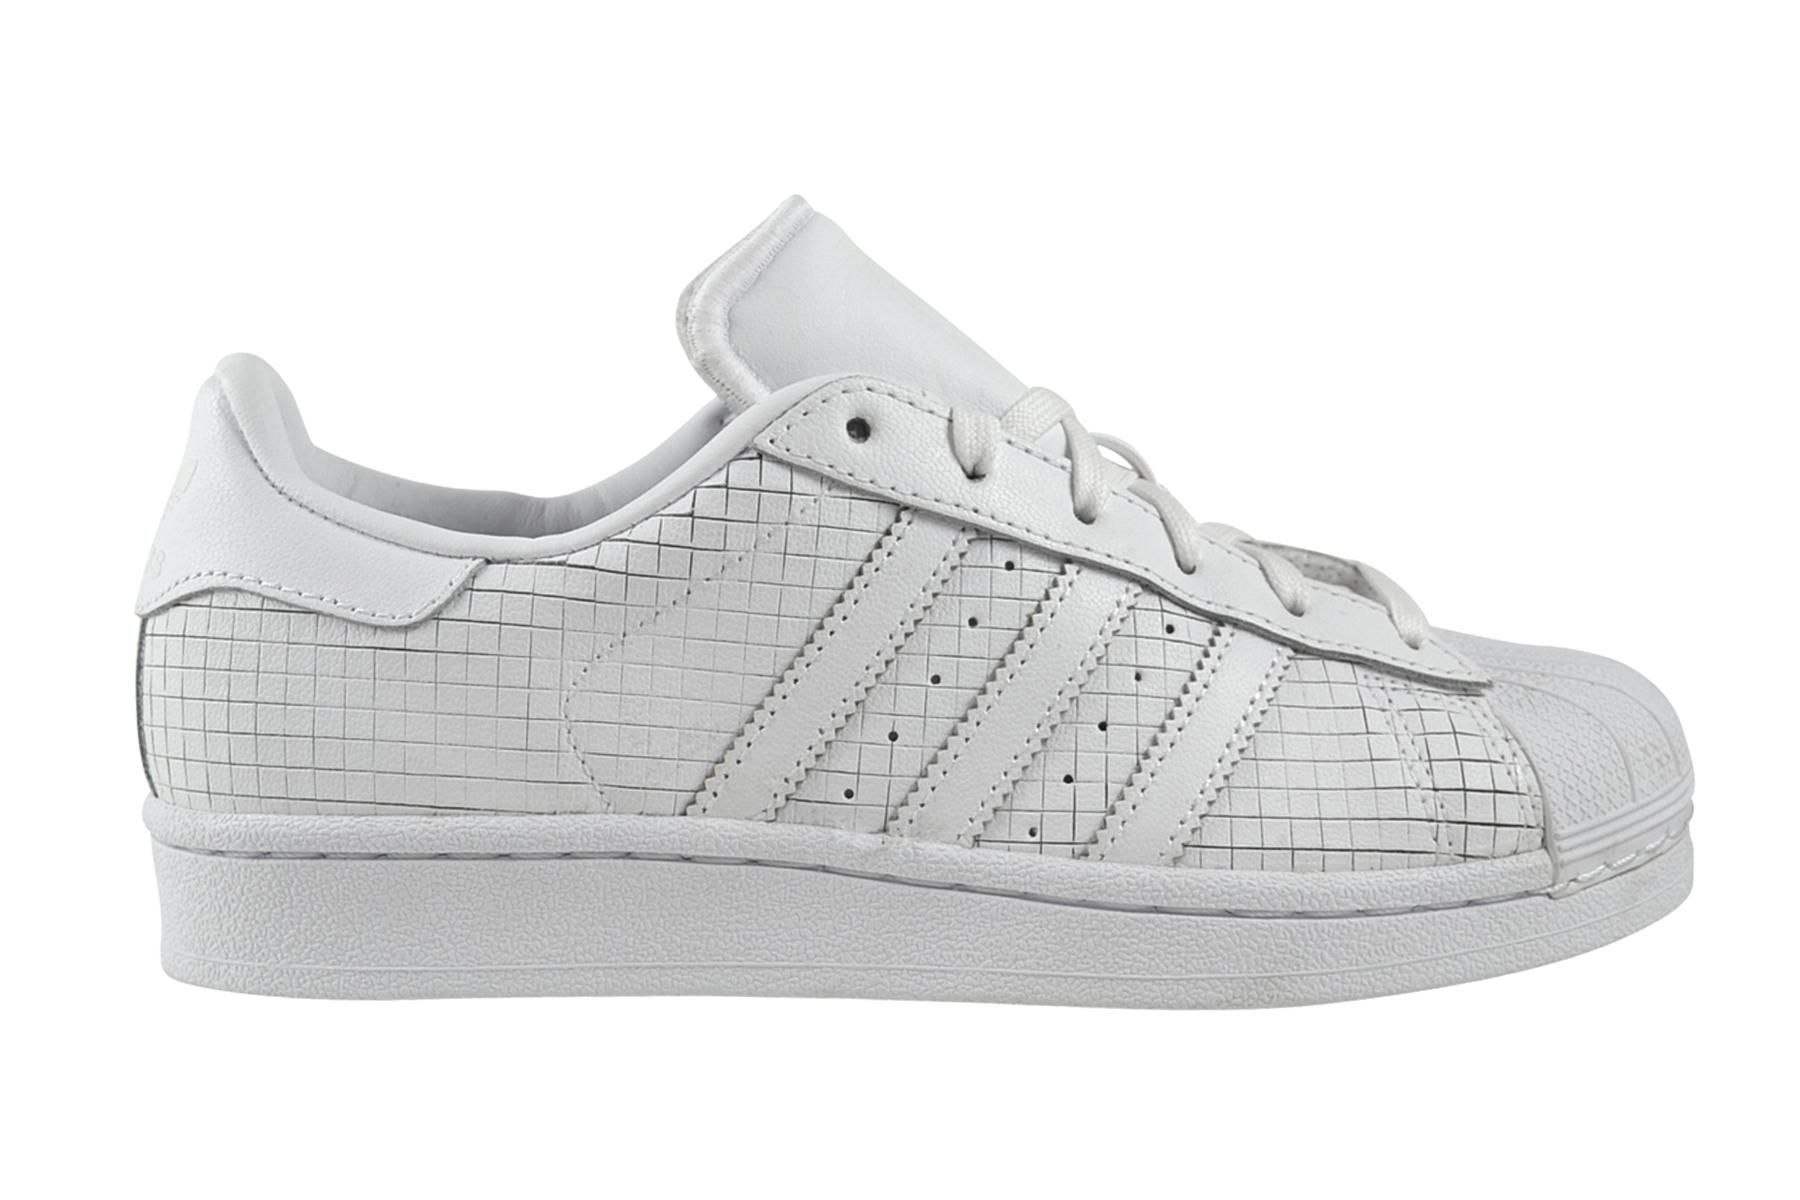 Adidas Superstar Blanco Zapatillas Deportivas Blanco AQ8334